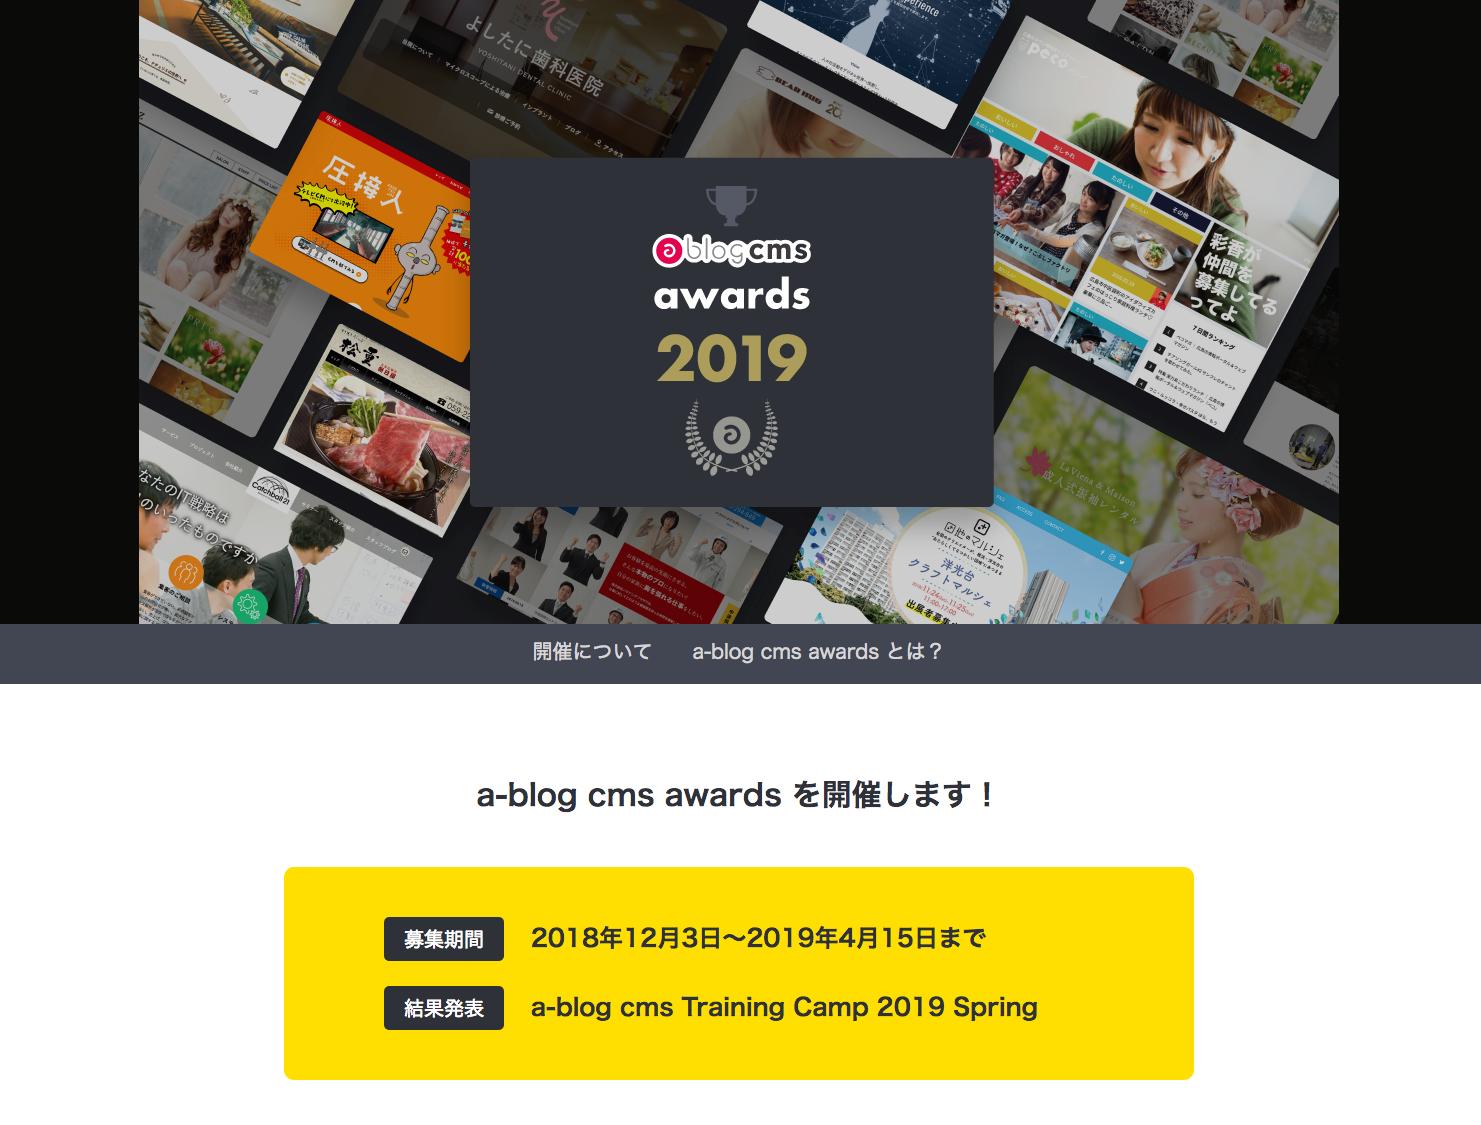 スクリーンショット:a-blog cms awards イベントページ